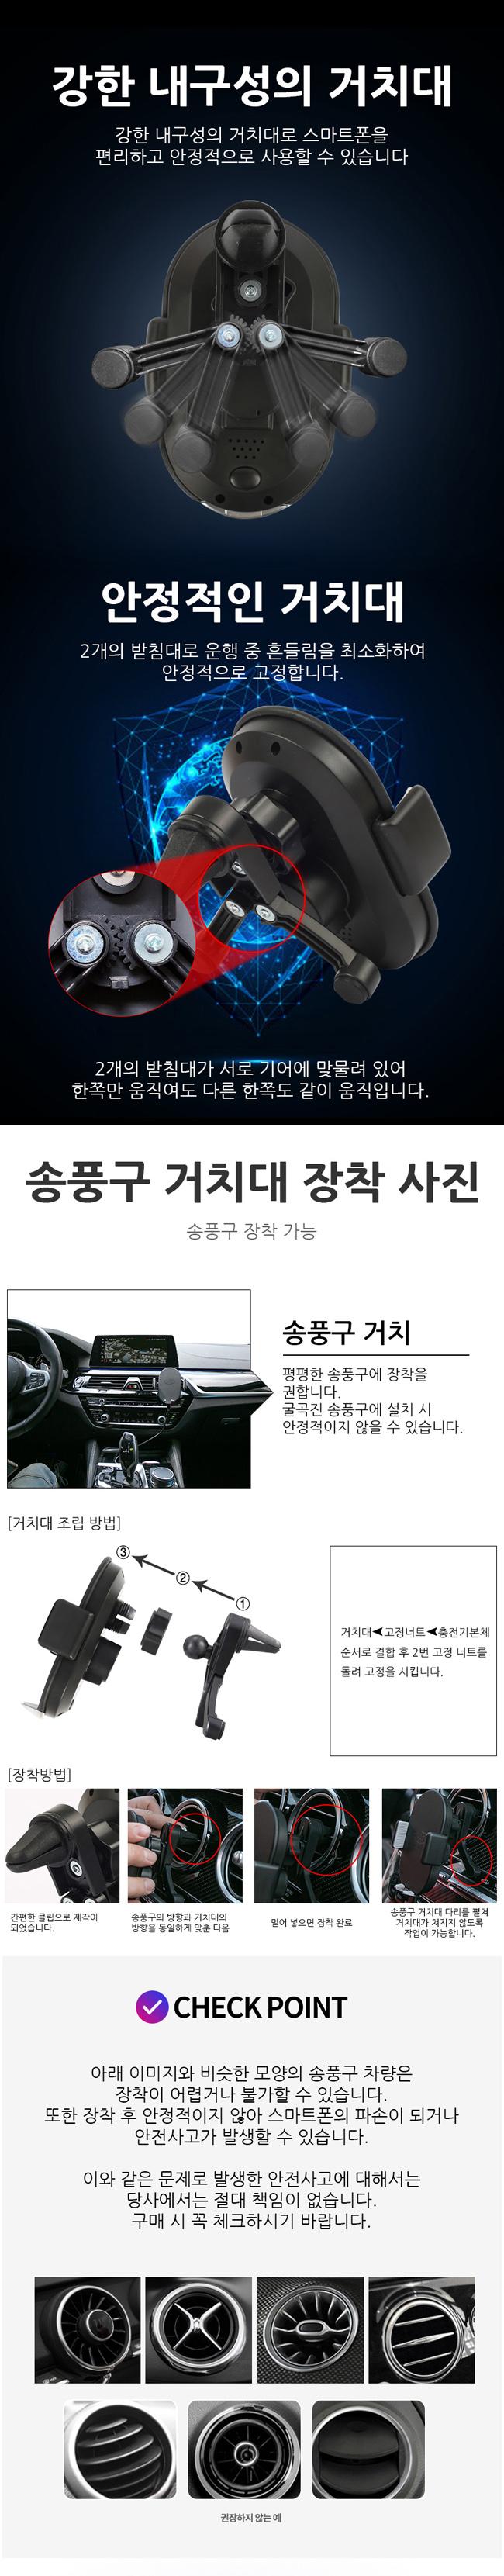 [VIP] 스마트폰 오토그립 고속무선충전 거치대-FOD센서 15W고속충전 자동슬라이딩 홀더